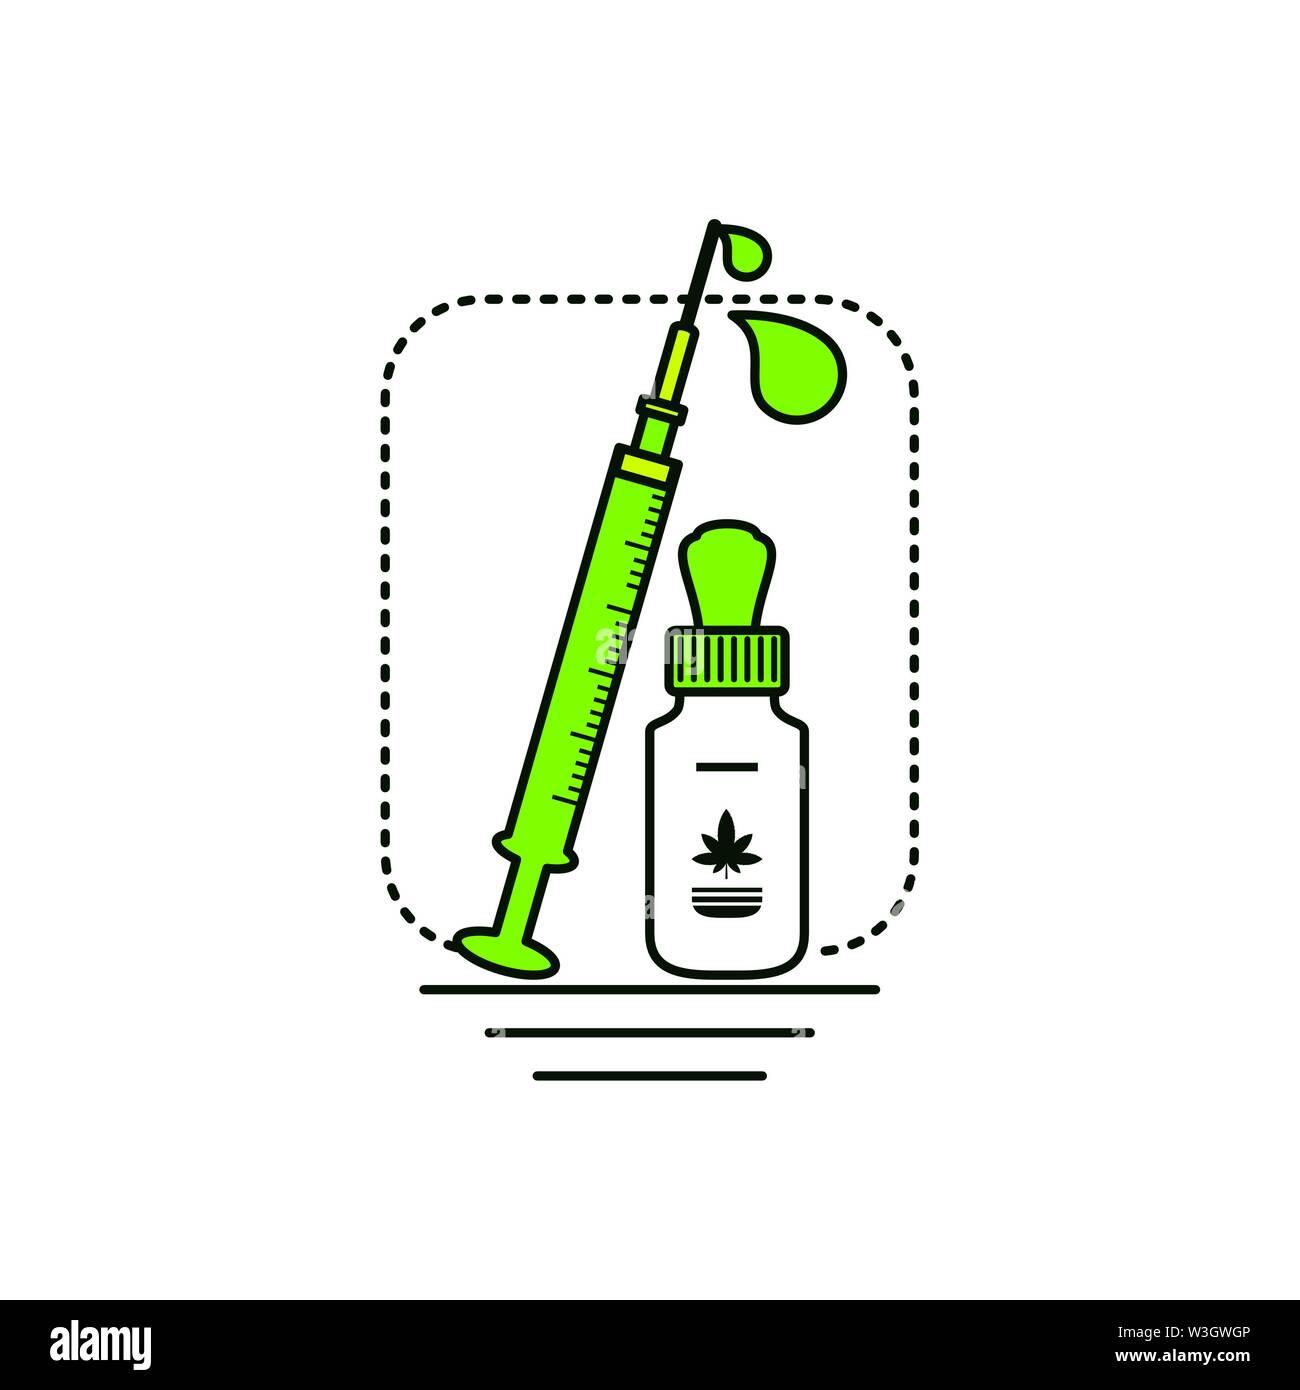 Cannabis Flasche Produkt dropper mit Spritze Vector Illustration Design Stockbild